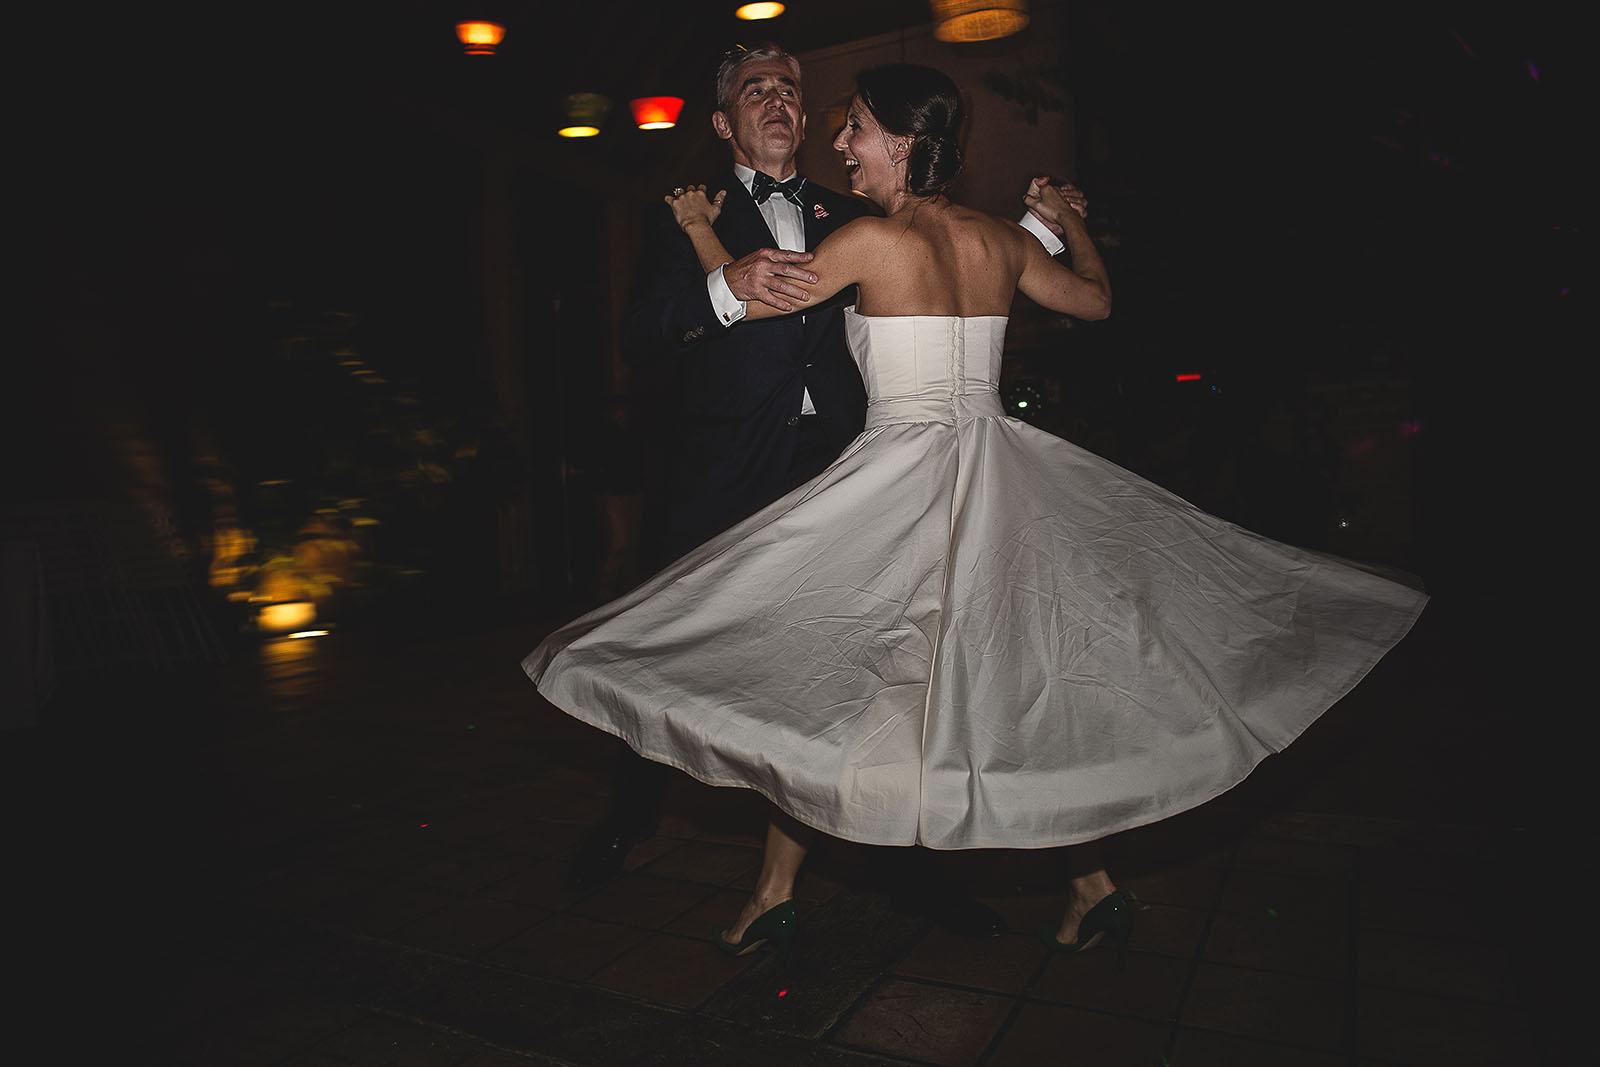 Mariage Manoir des Prévanches. David Pommier photographe de mariage. La mariée danse avec son père